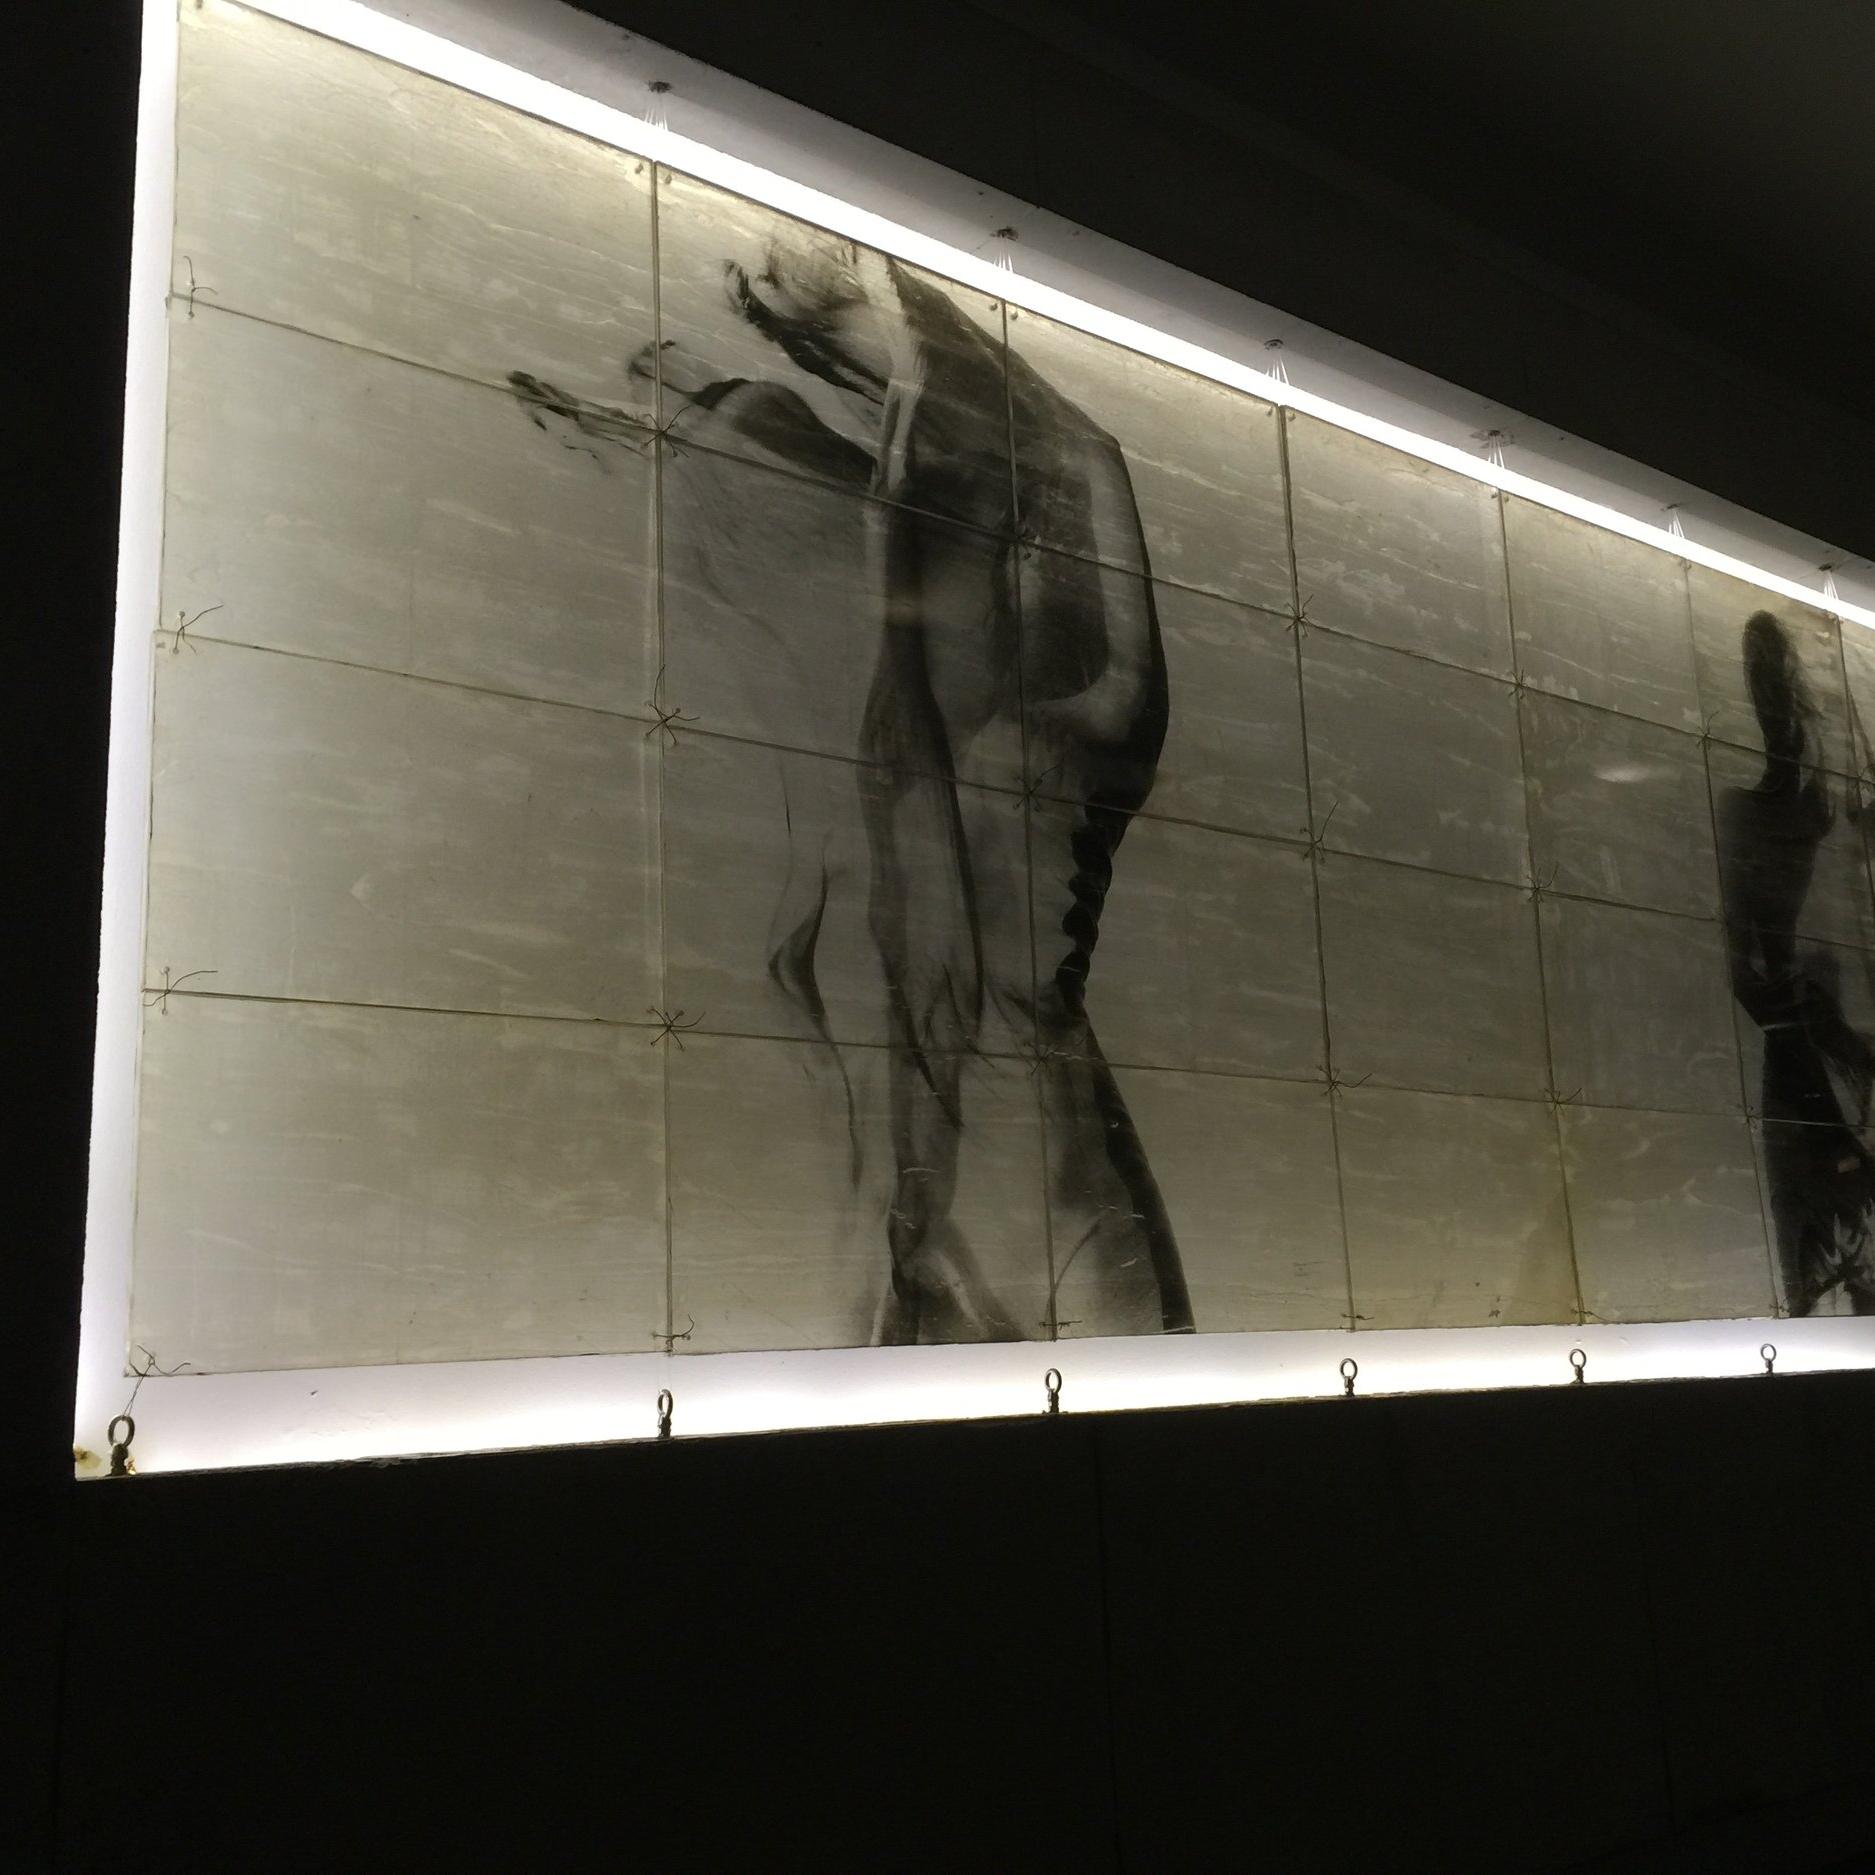 OUTDOOR WORKS - HURRICANE TOLERANT WORKS OF ARt